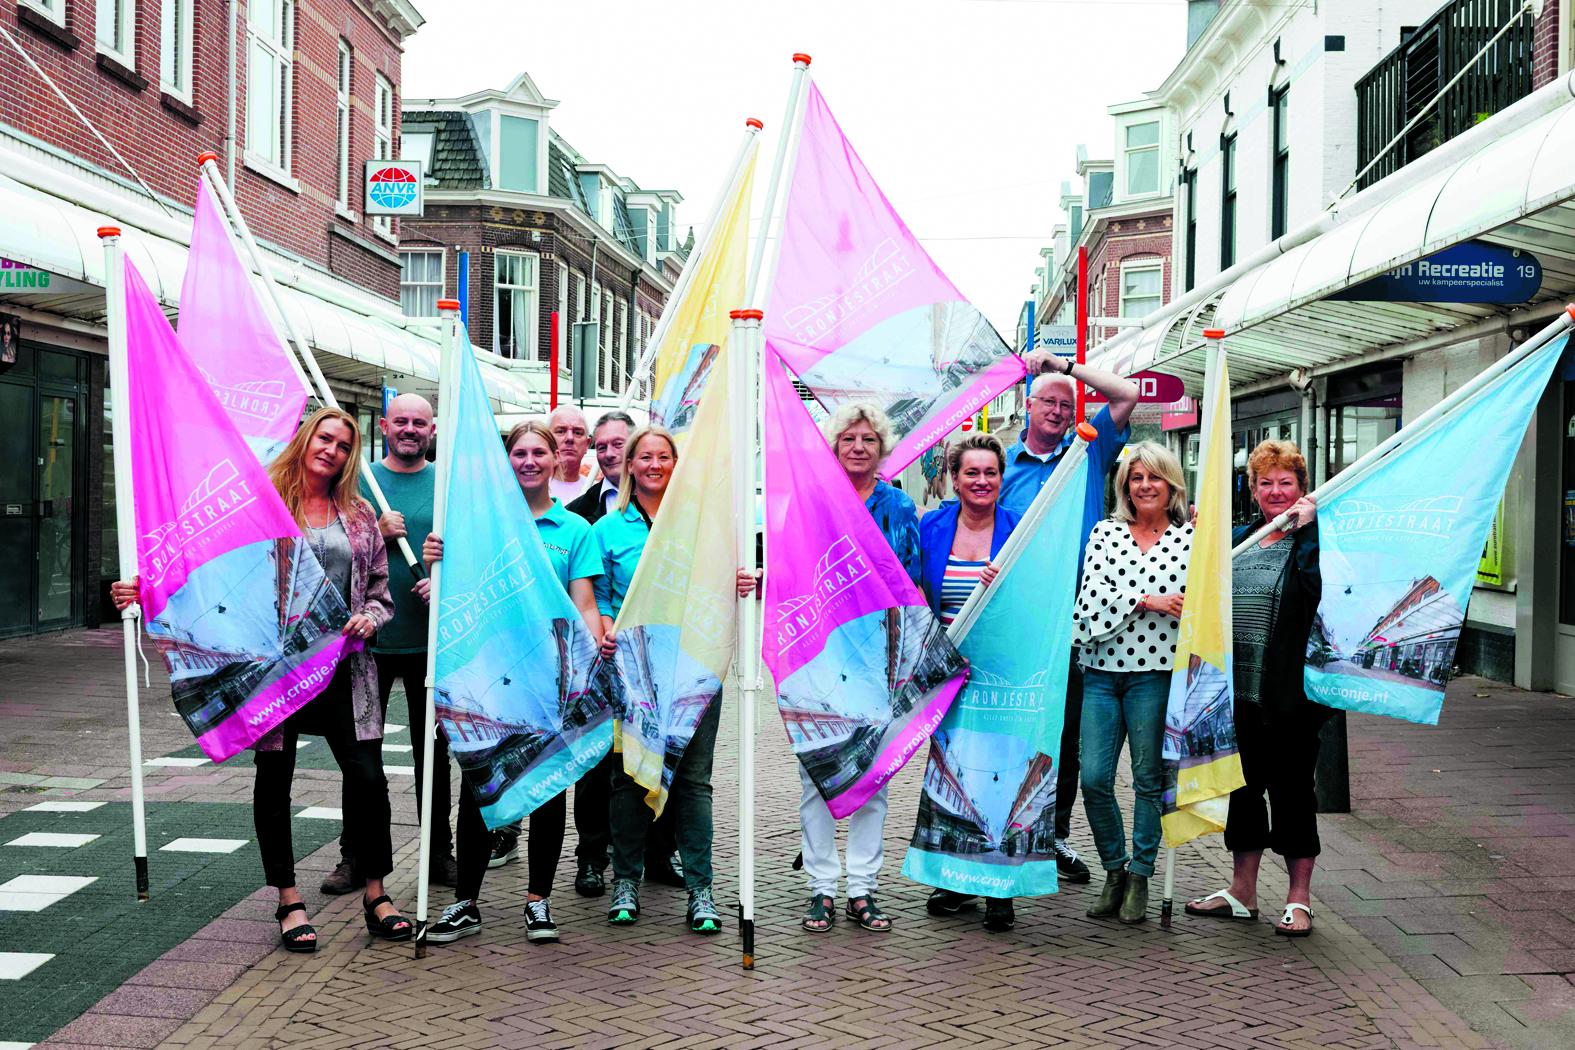 De braderie in de Cronjé is een van de gezelligste markten uit de regio. (Foto: aangeleverd)  rodi.nl © rodi